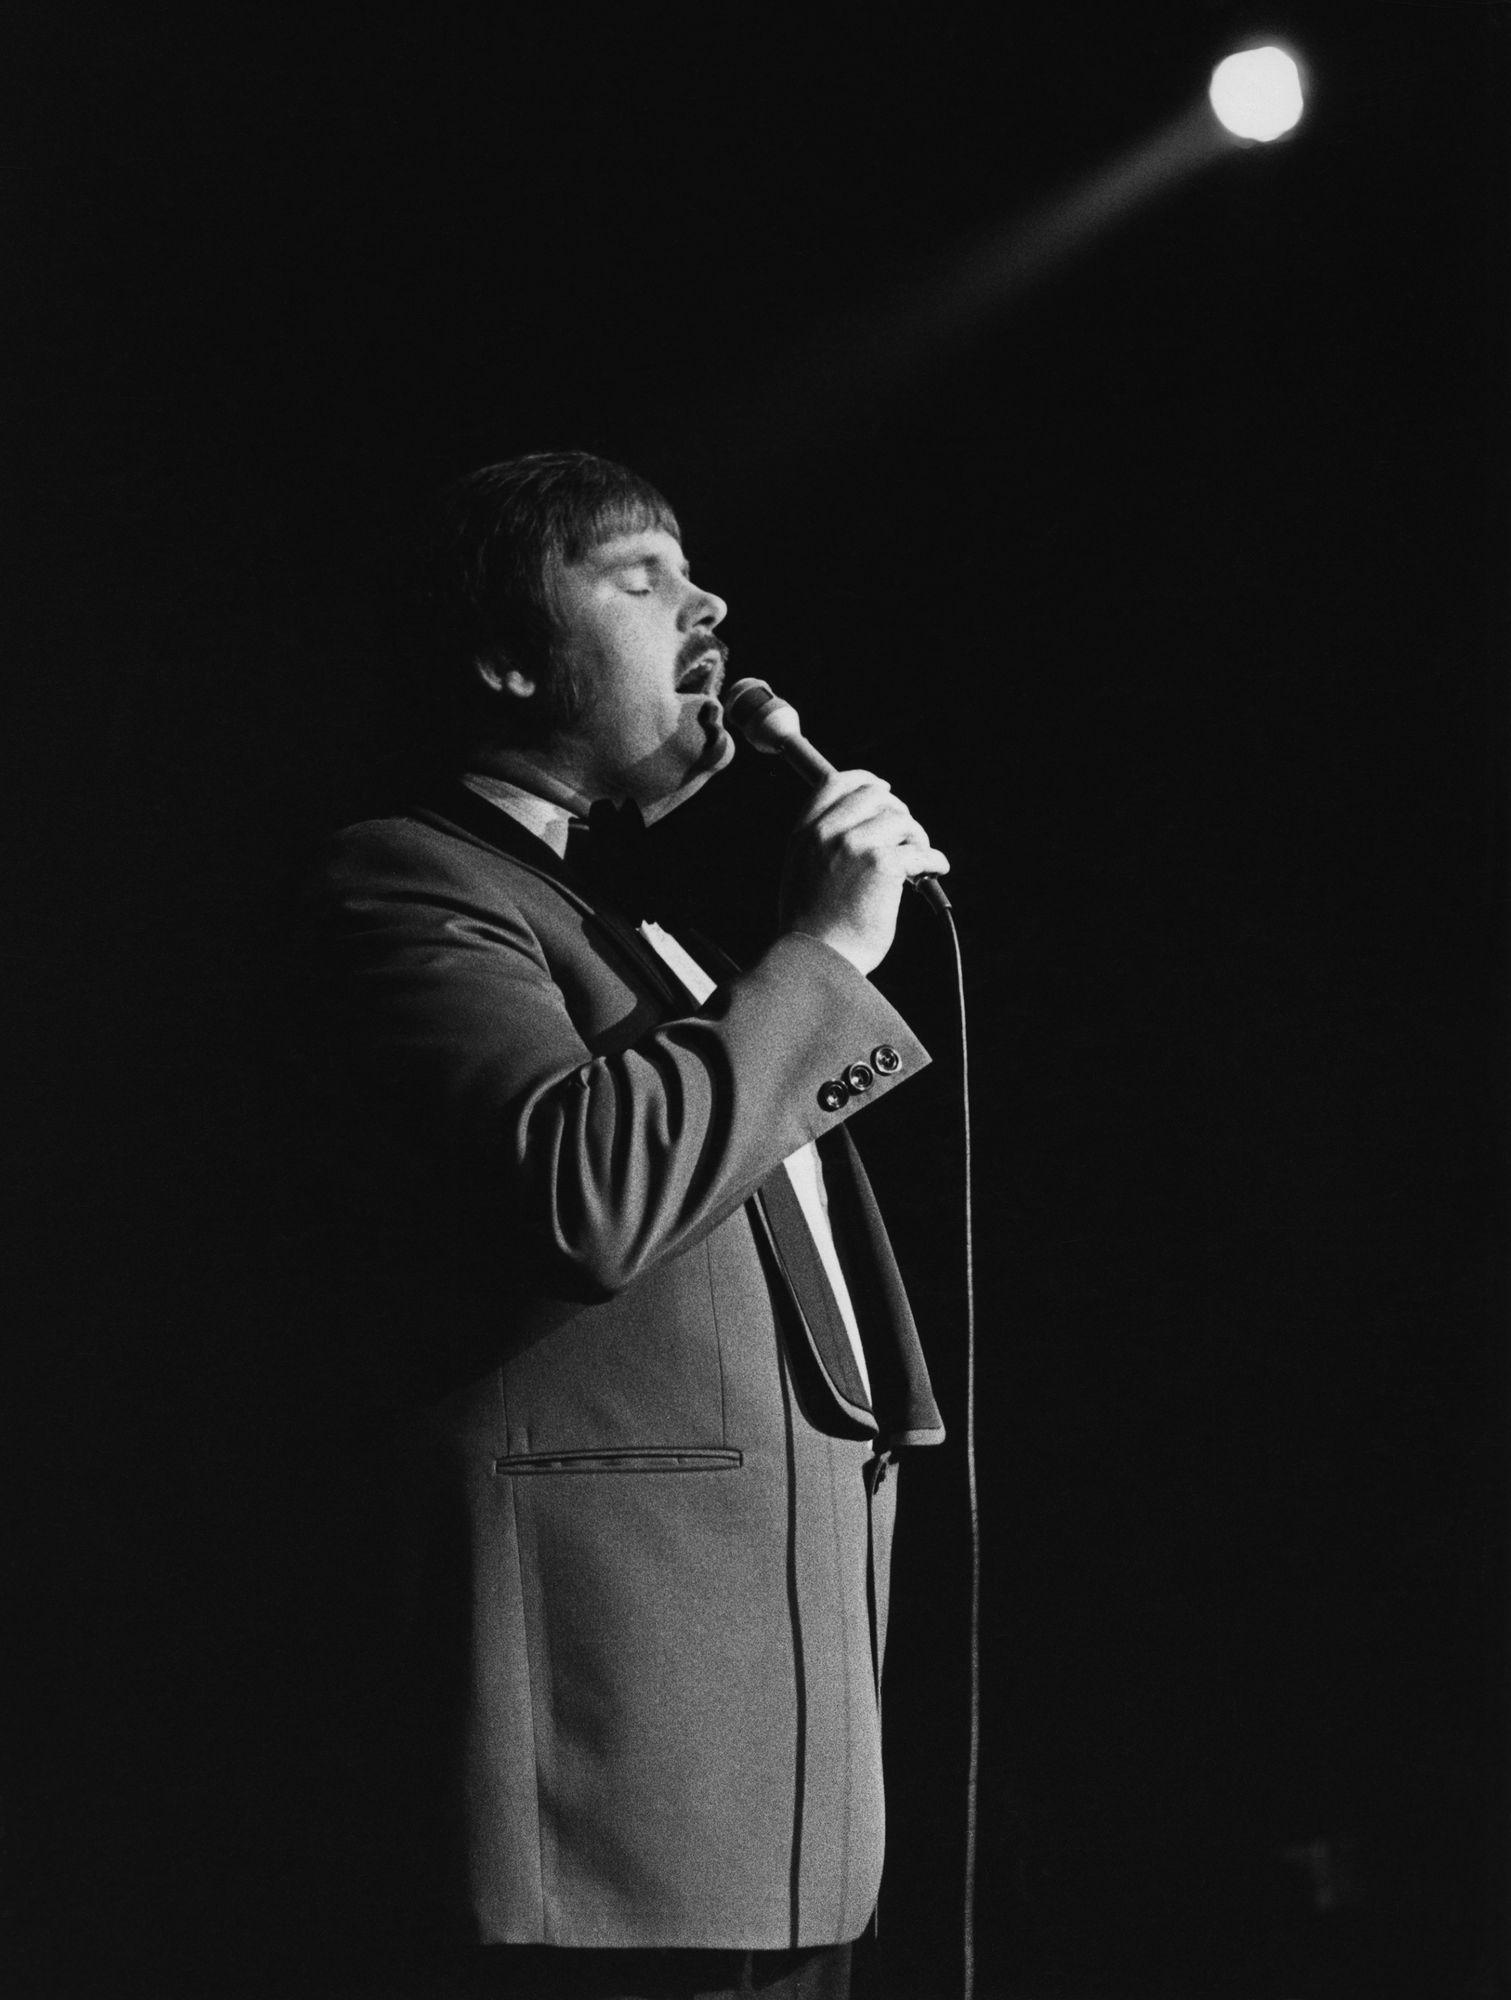 1970-luvulla Fredi oli yksi Suomen levymyyntikuninkaista. Hänen esiintymistyylinsä oli eleetön ja varma. © SKOY